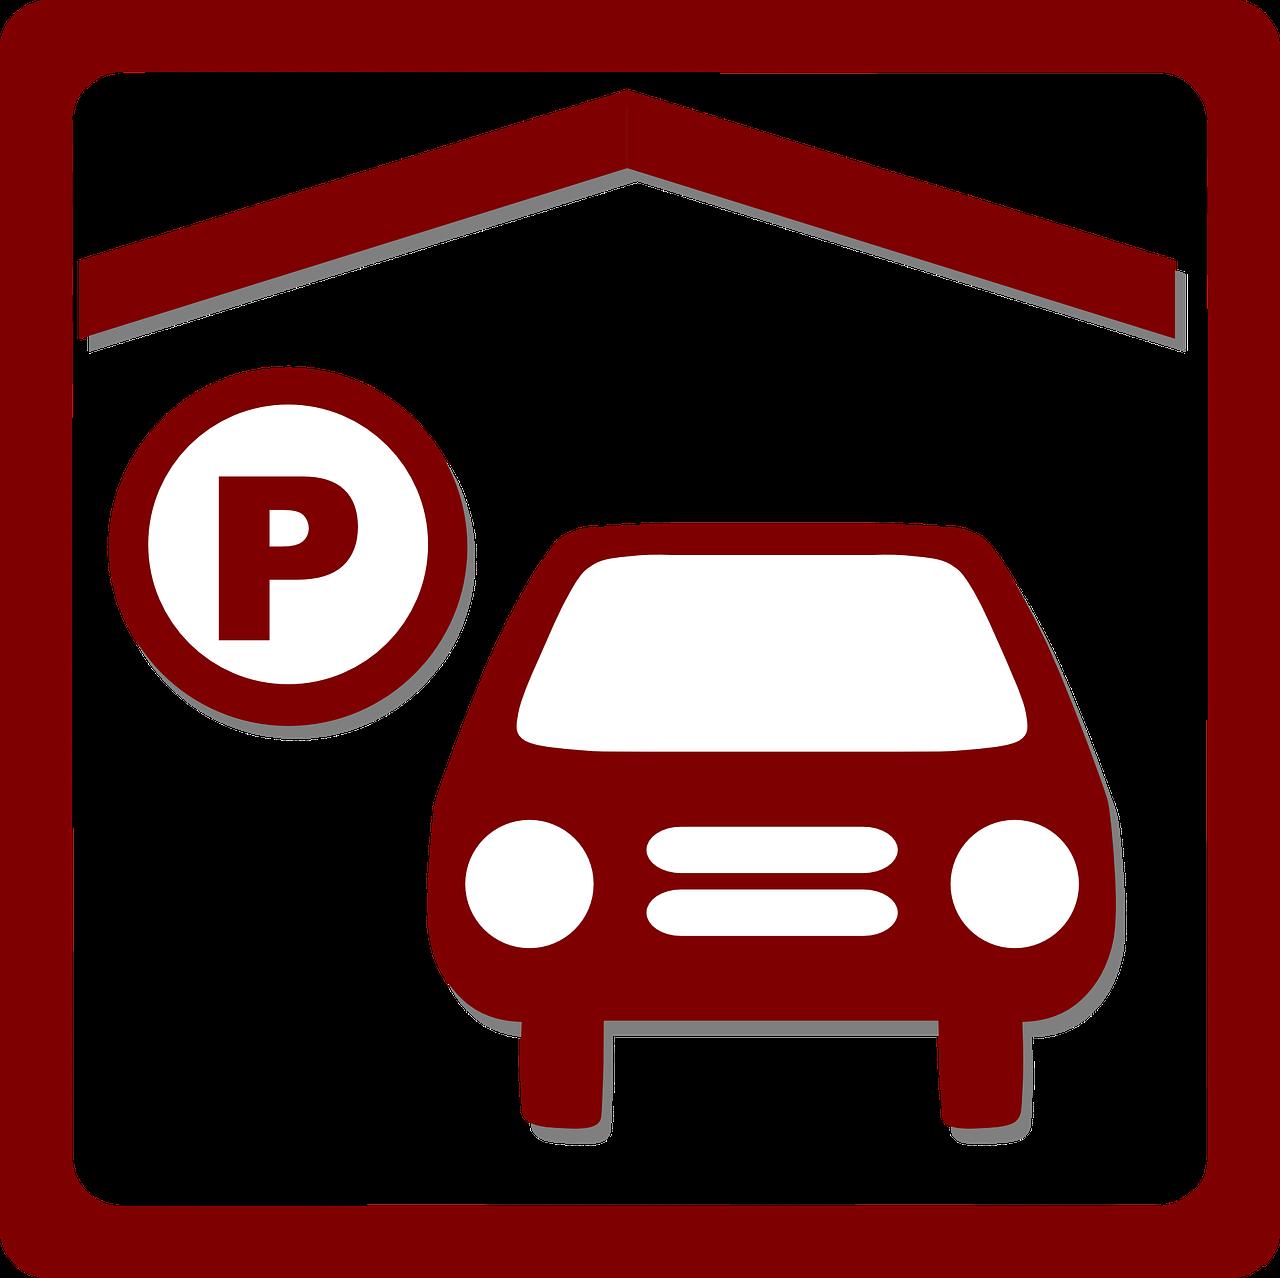 Comprar plaza de garaje pr stamo personal o hipoteca financialred - Comprar plaza de garaje ...